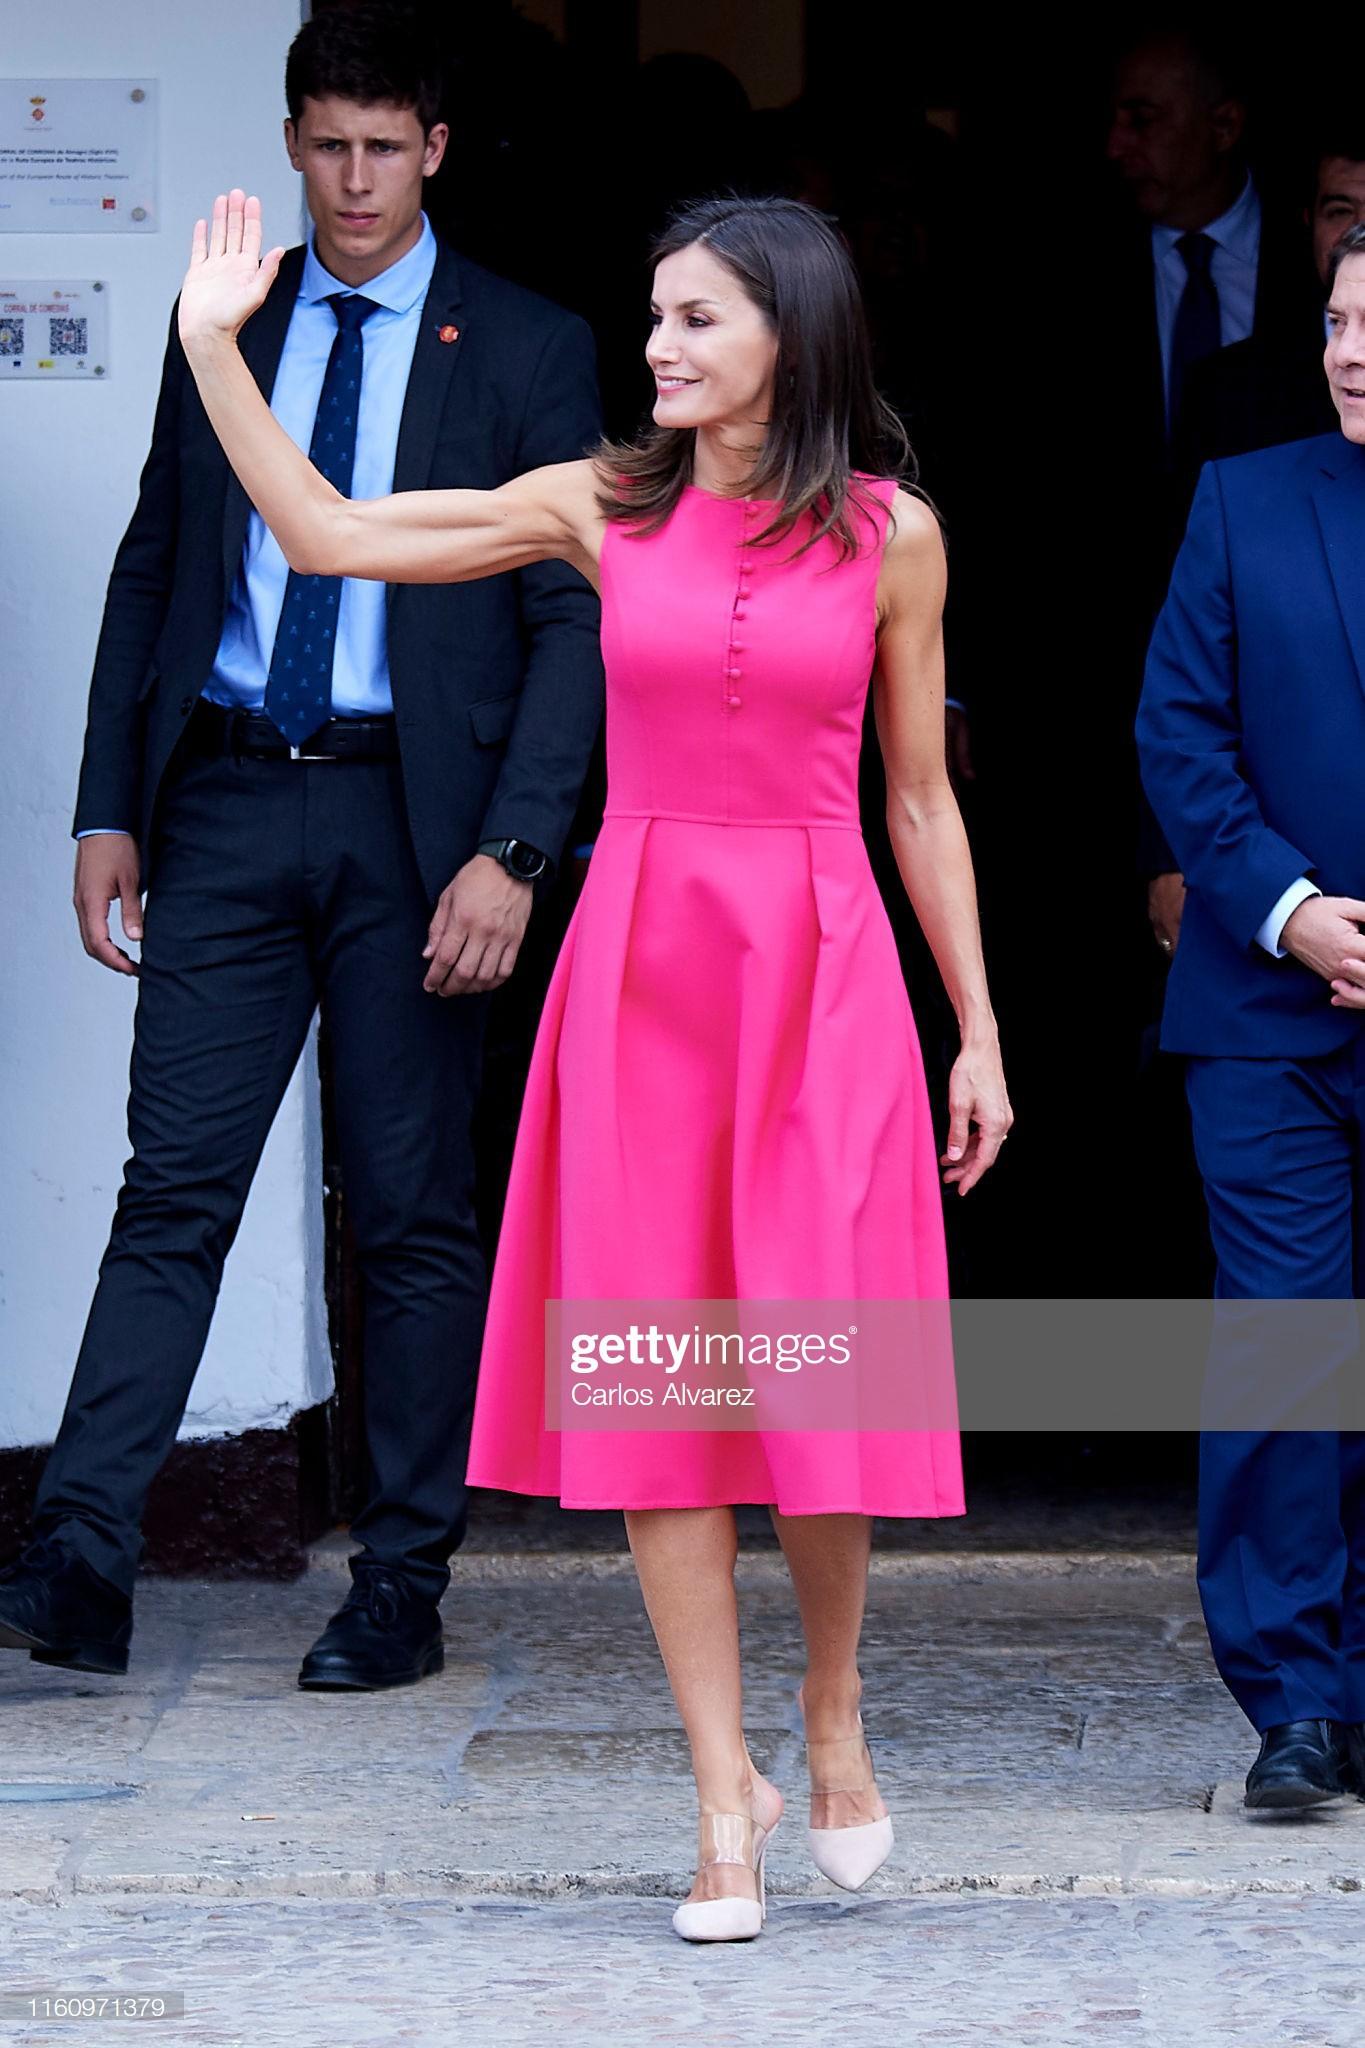 Sở hữu cánh tay săn chắc lực điền nhưng Hoàng hậu Tây Ban Nha lại được khen ngợi hết lời khi diện váy áo sát nách - Ảnh 5.